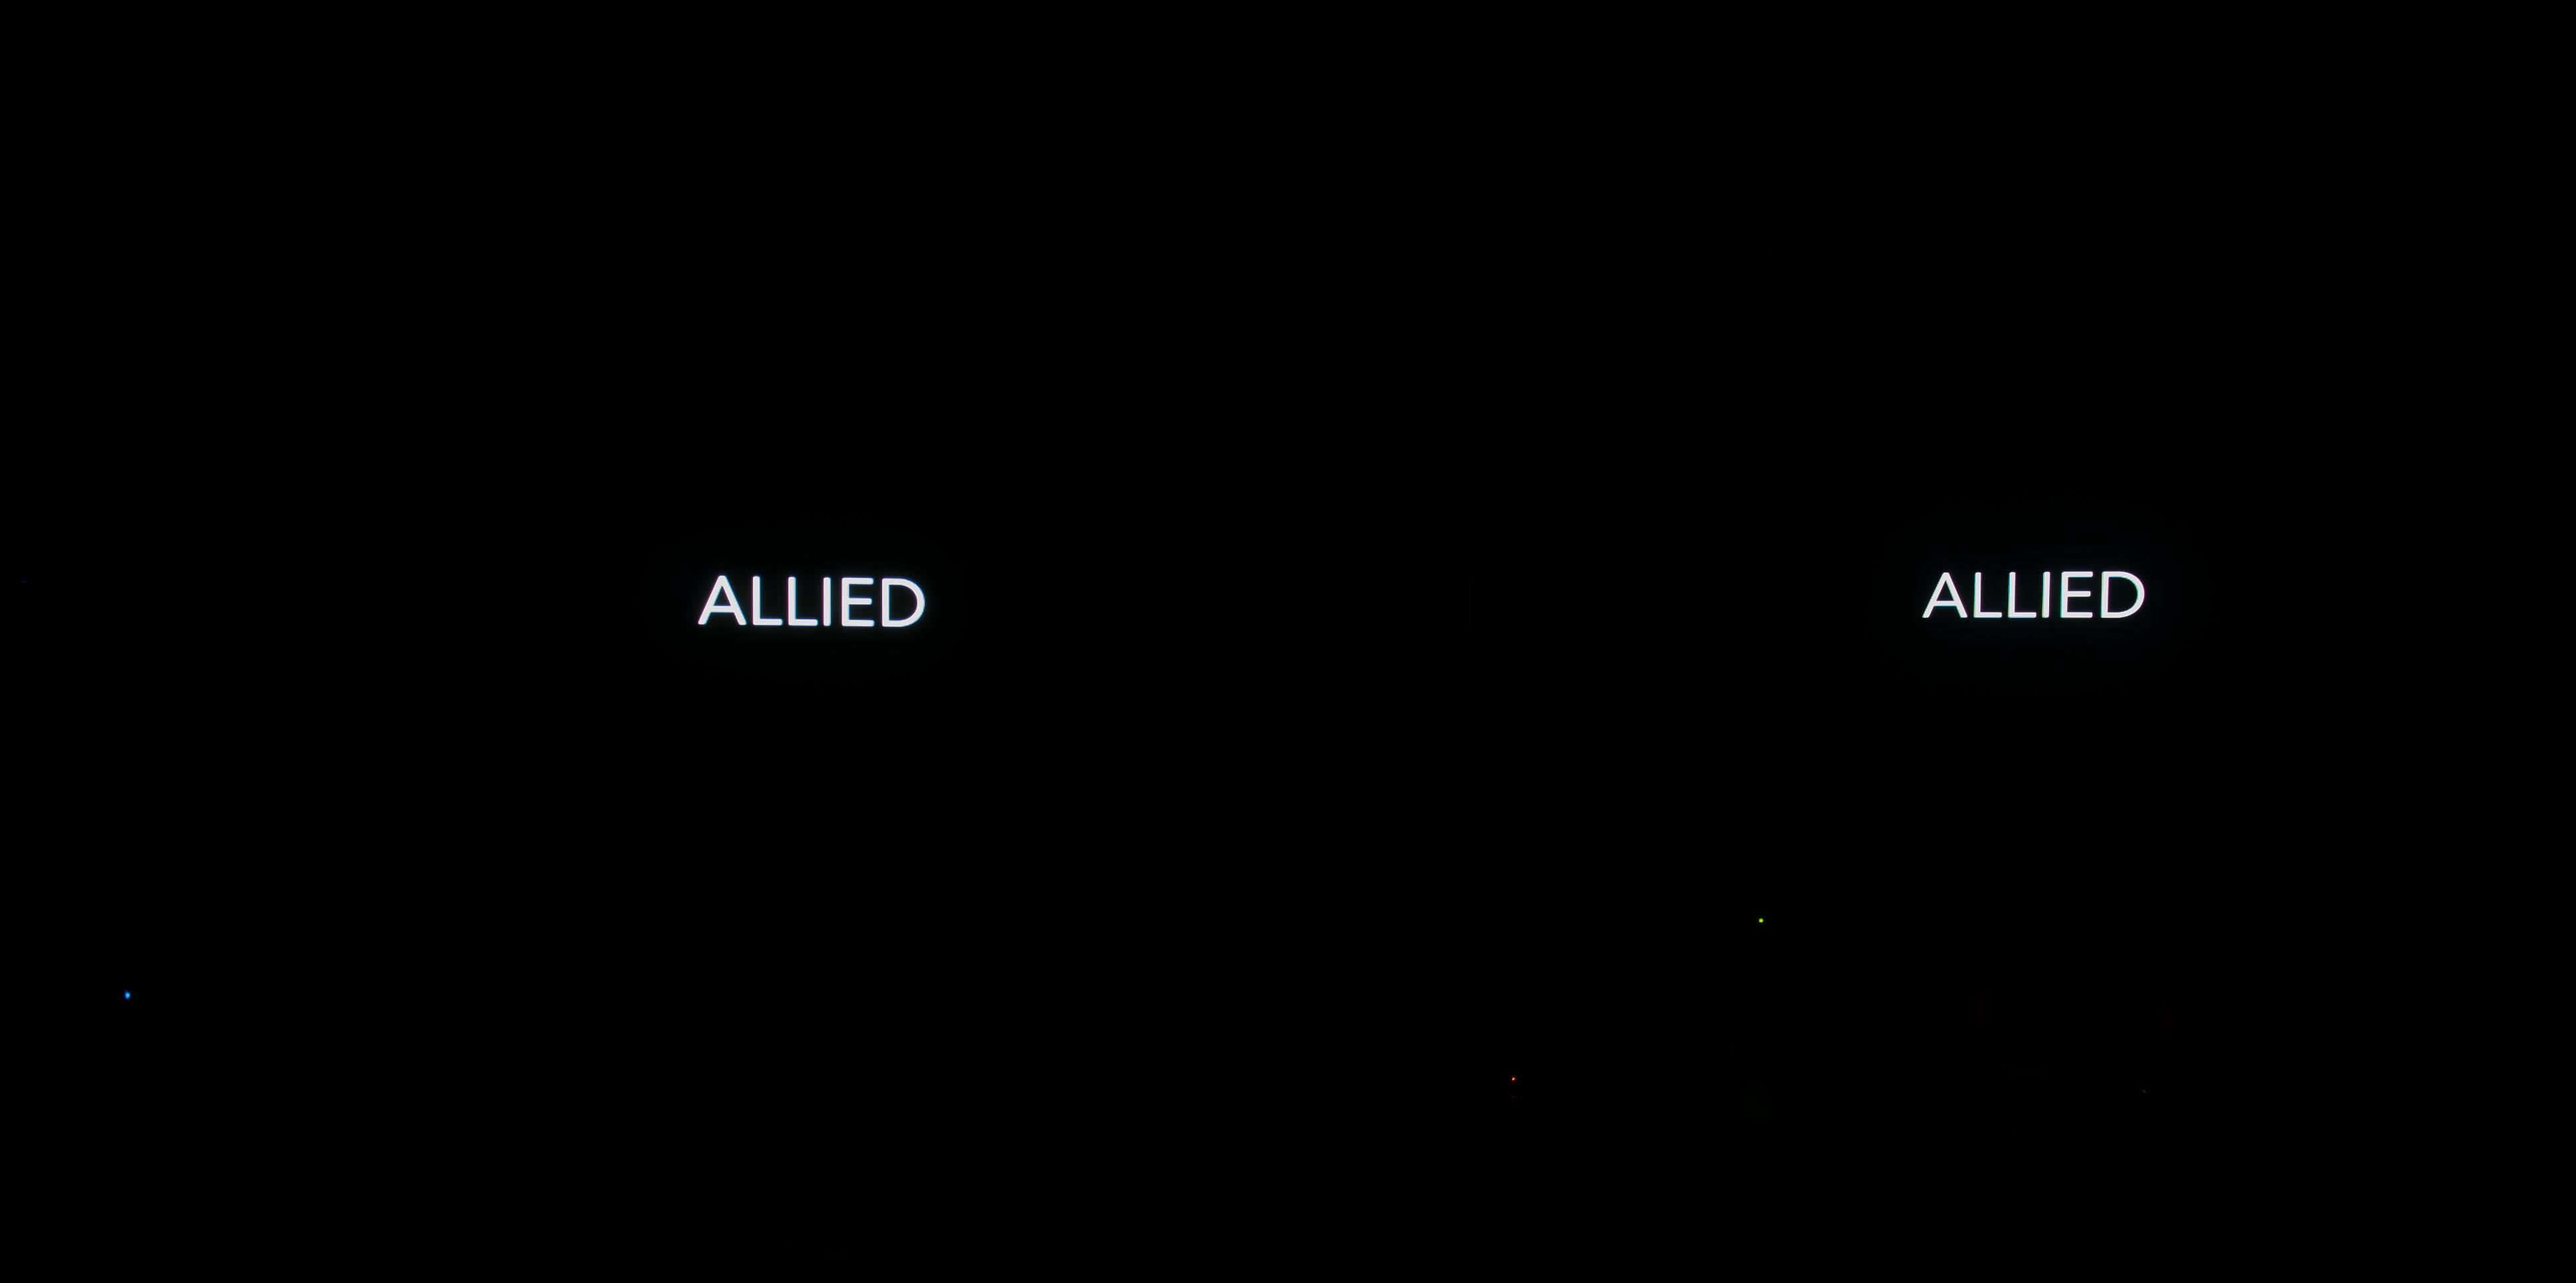 allied1.jpg